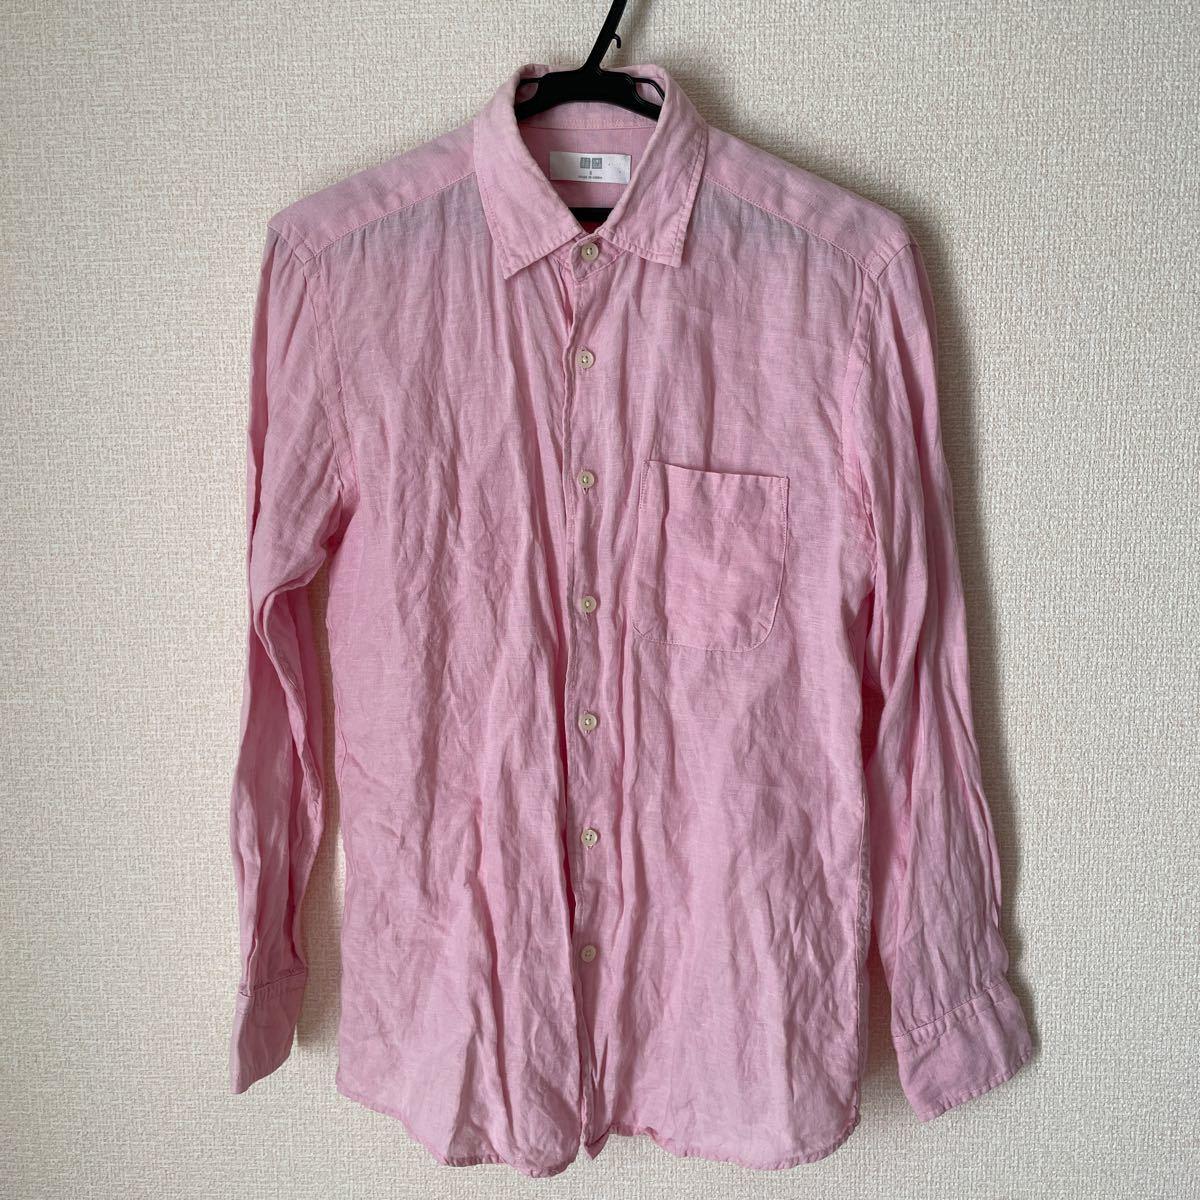 長袖シャツ 長袖 ボタンダウンシャツ UNIQLO ユニクロ S ピンク